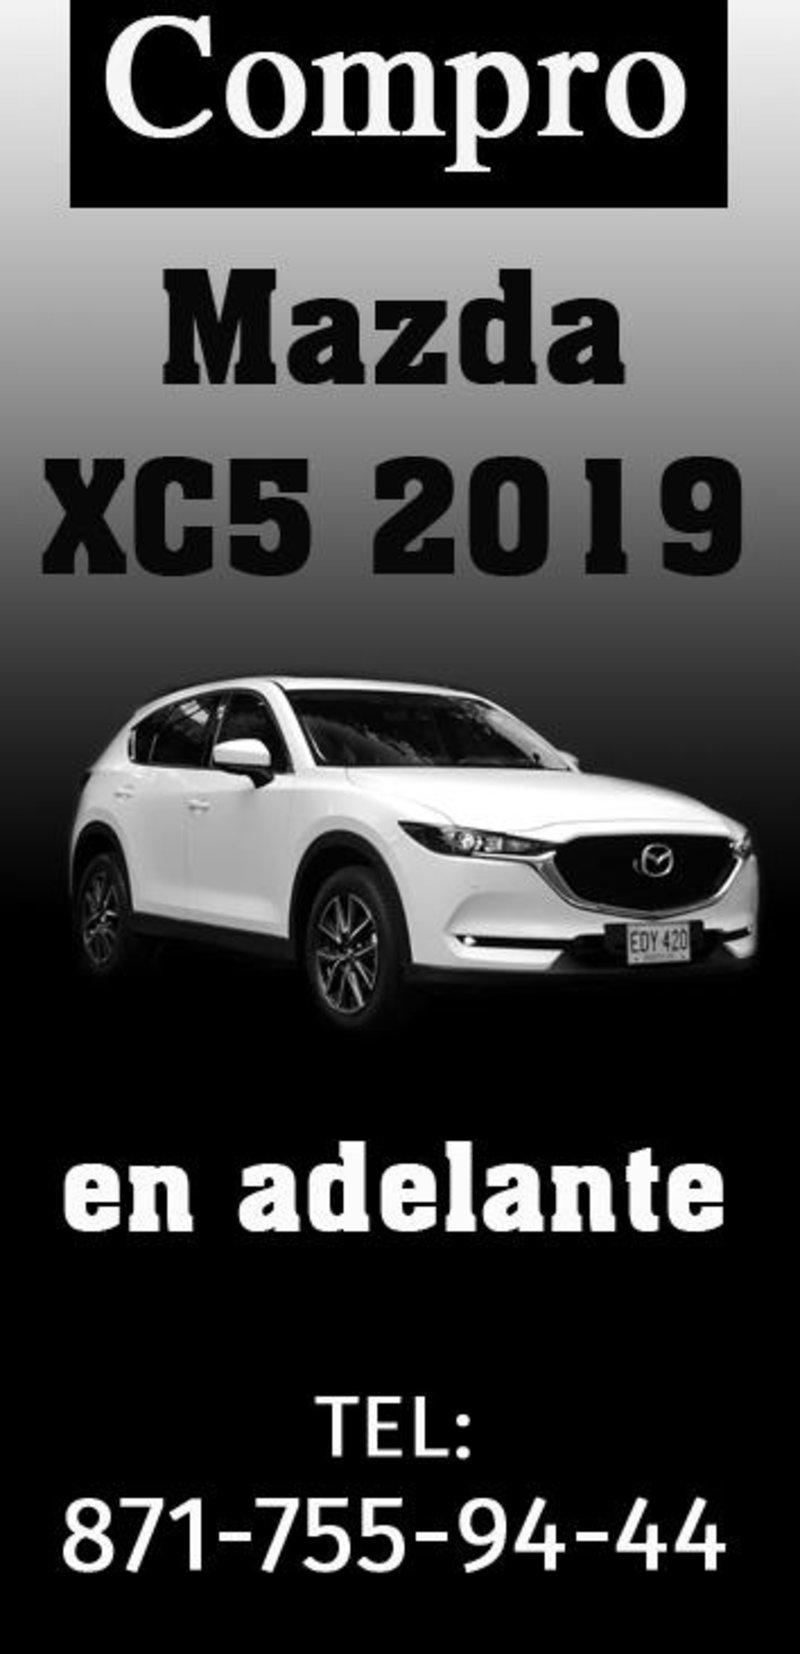 Sportage 2017 SXL impecable/ Servicios de agencia. Informes: Calle Luis Javier Garza #152, Col. Las Margaritas.